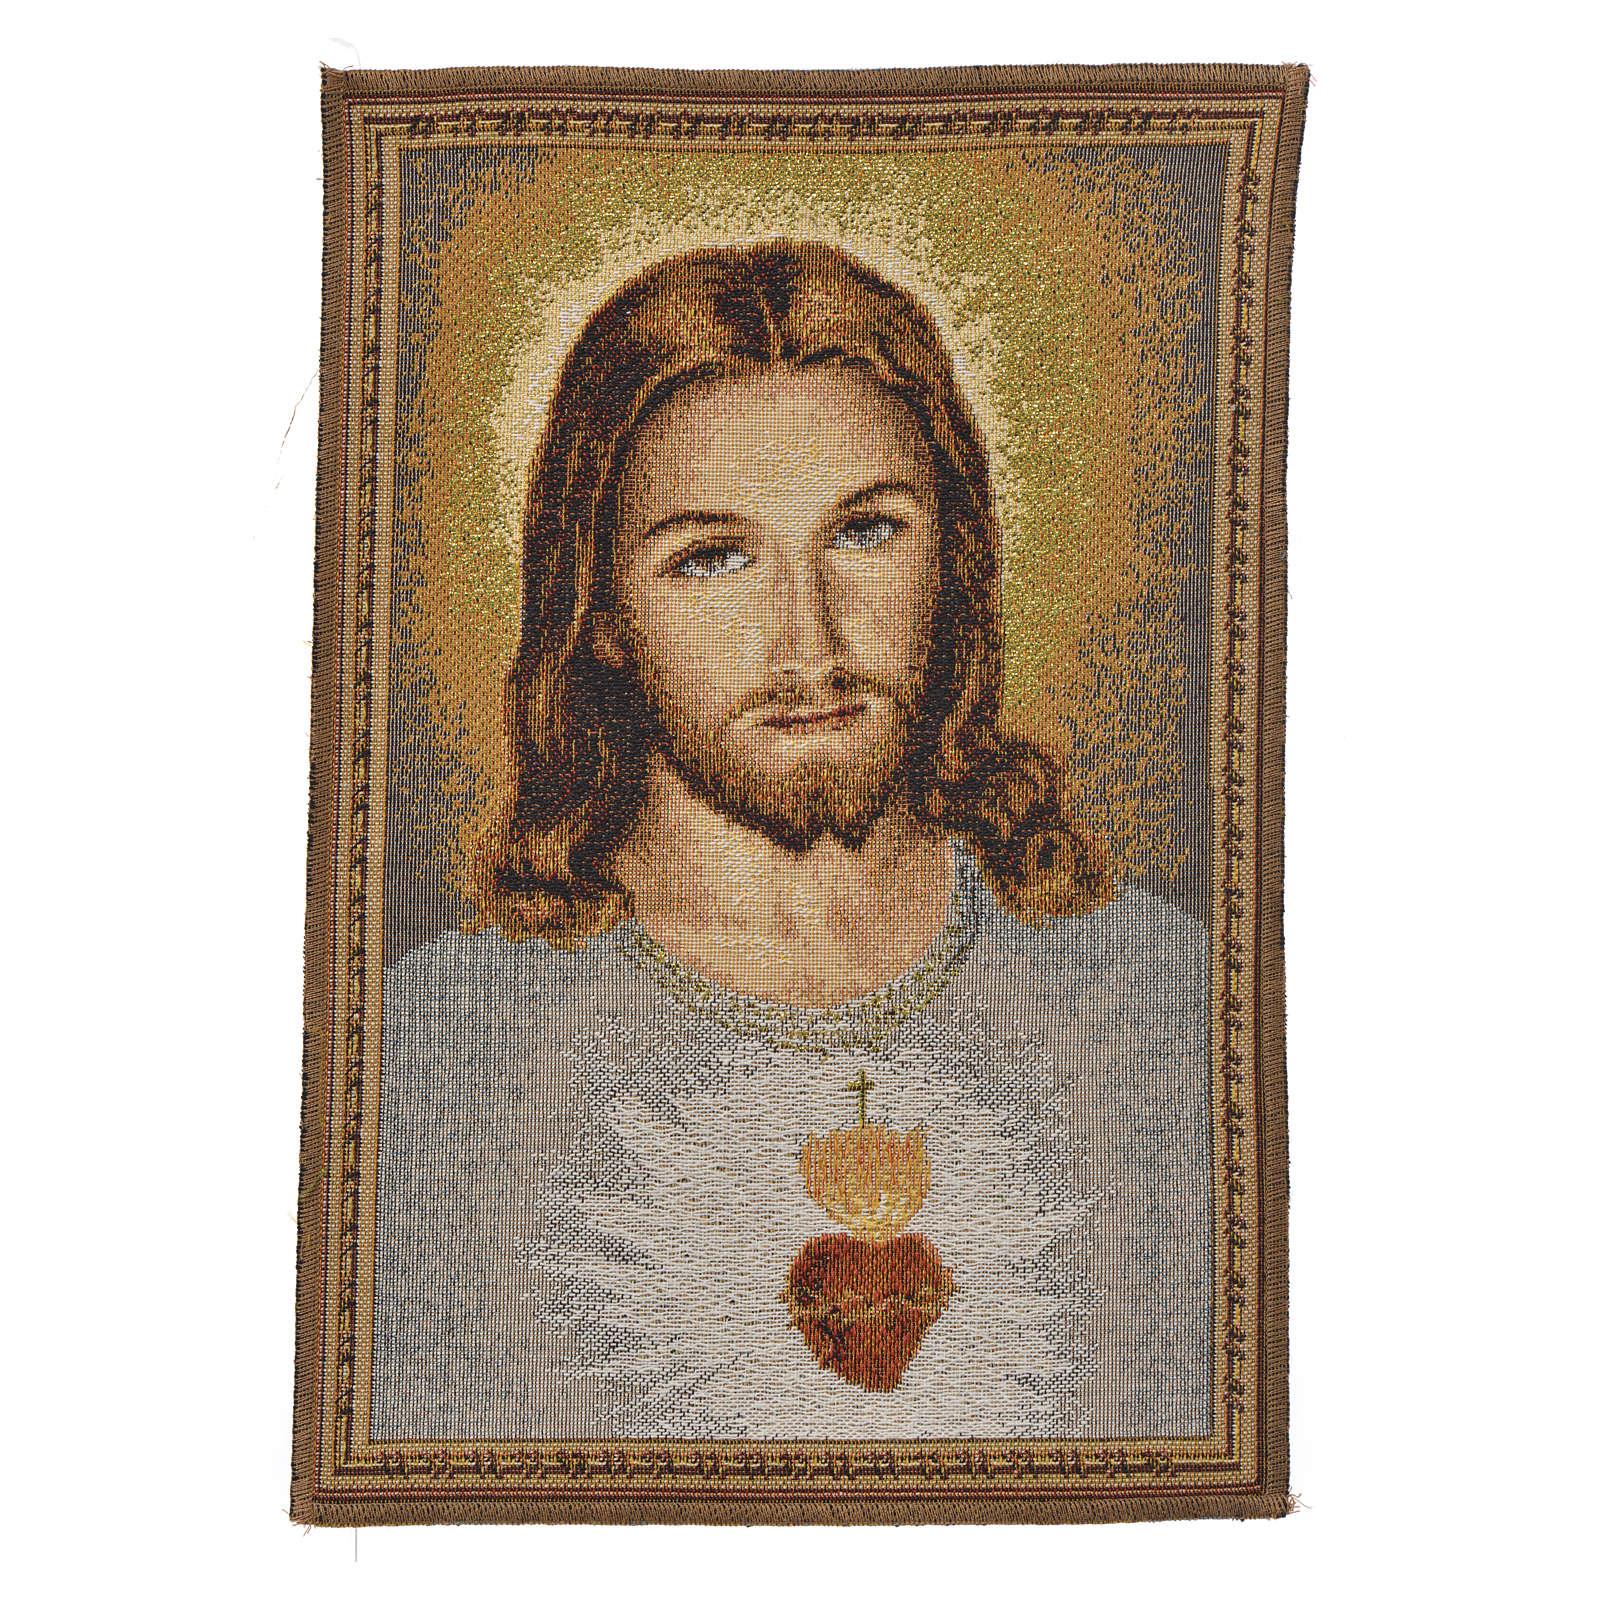 Tapiz con el Sagrado Corazón de Jesús 3 414971725d7